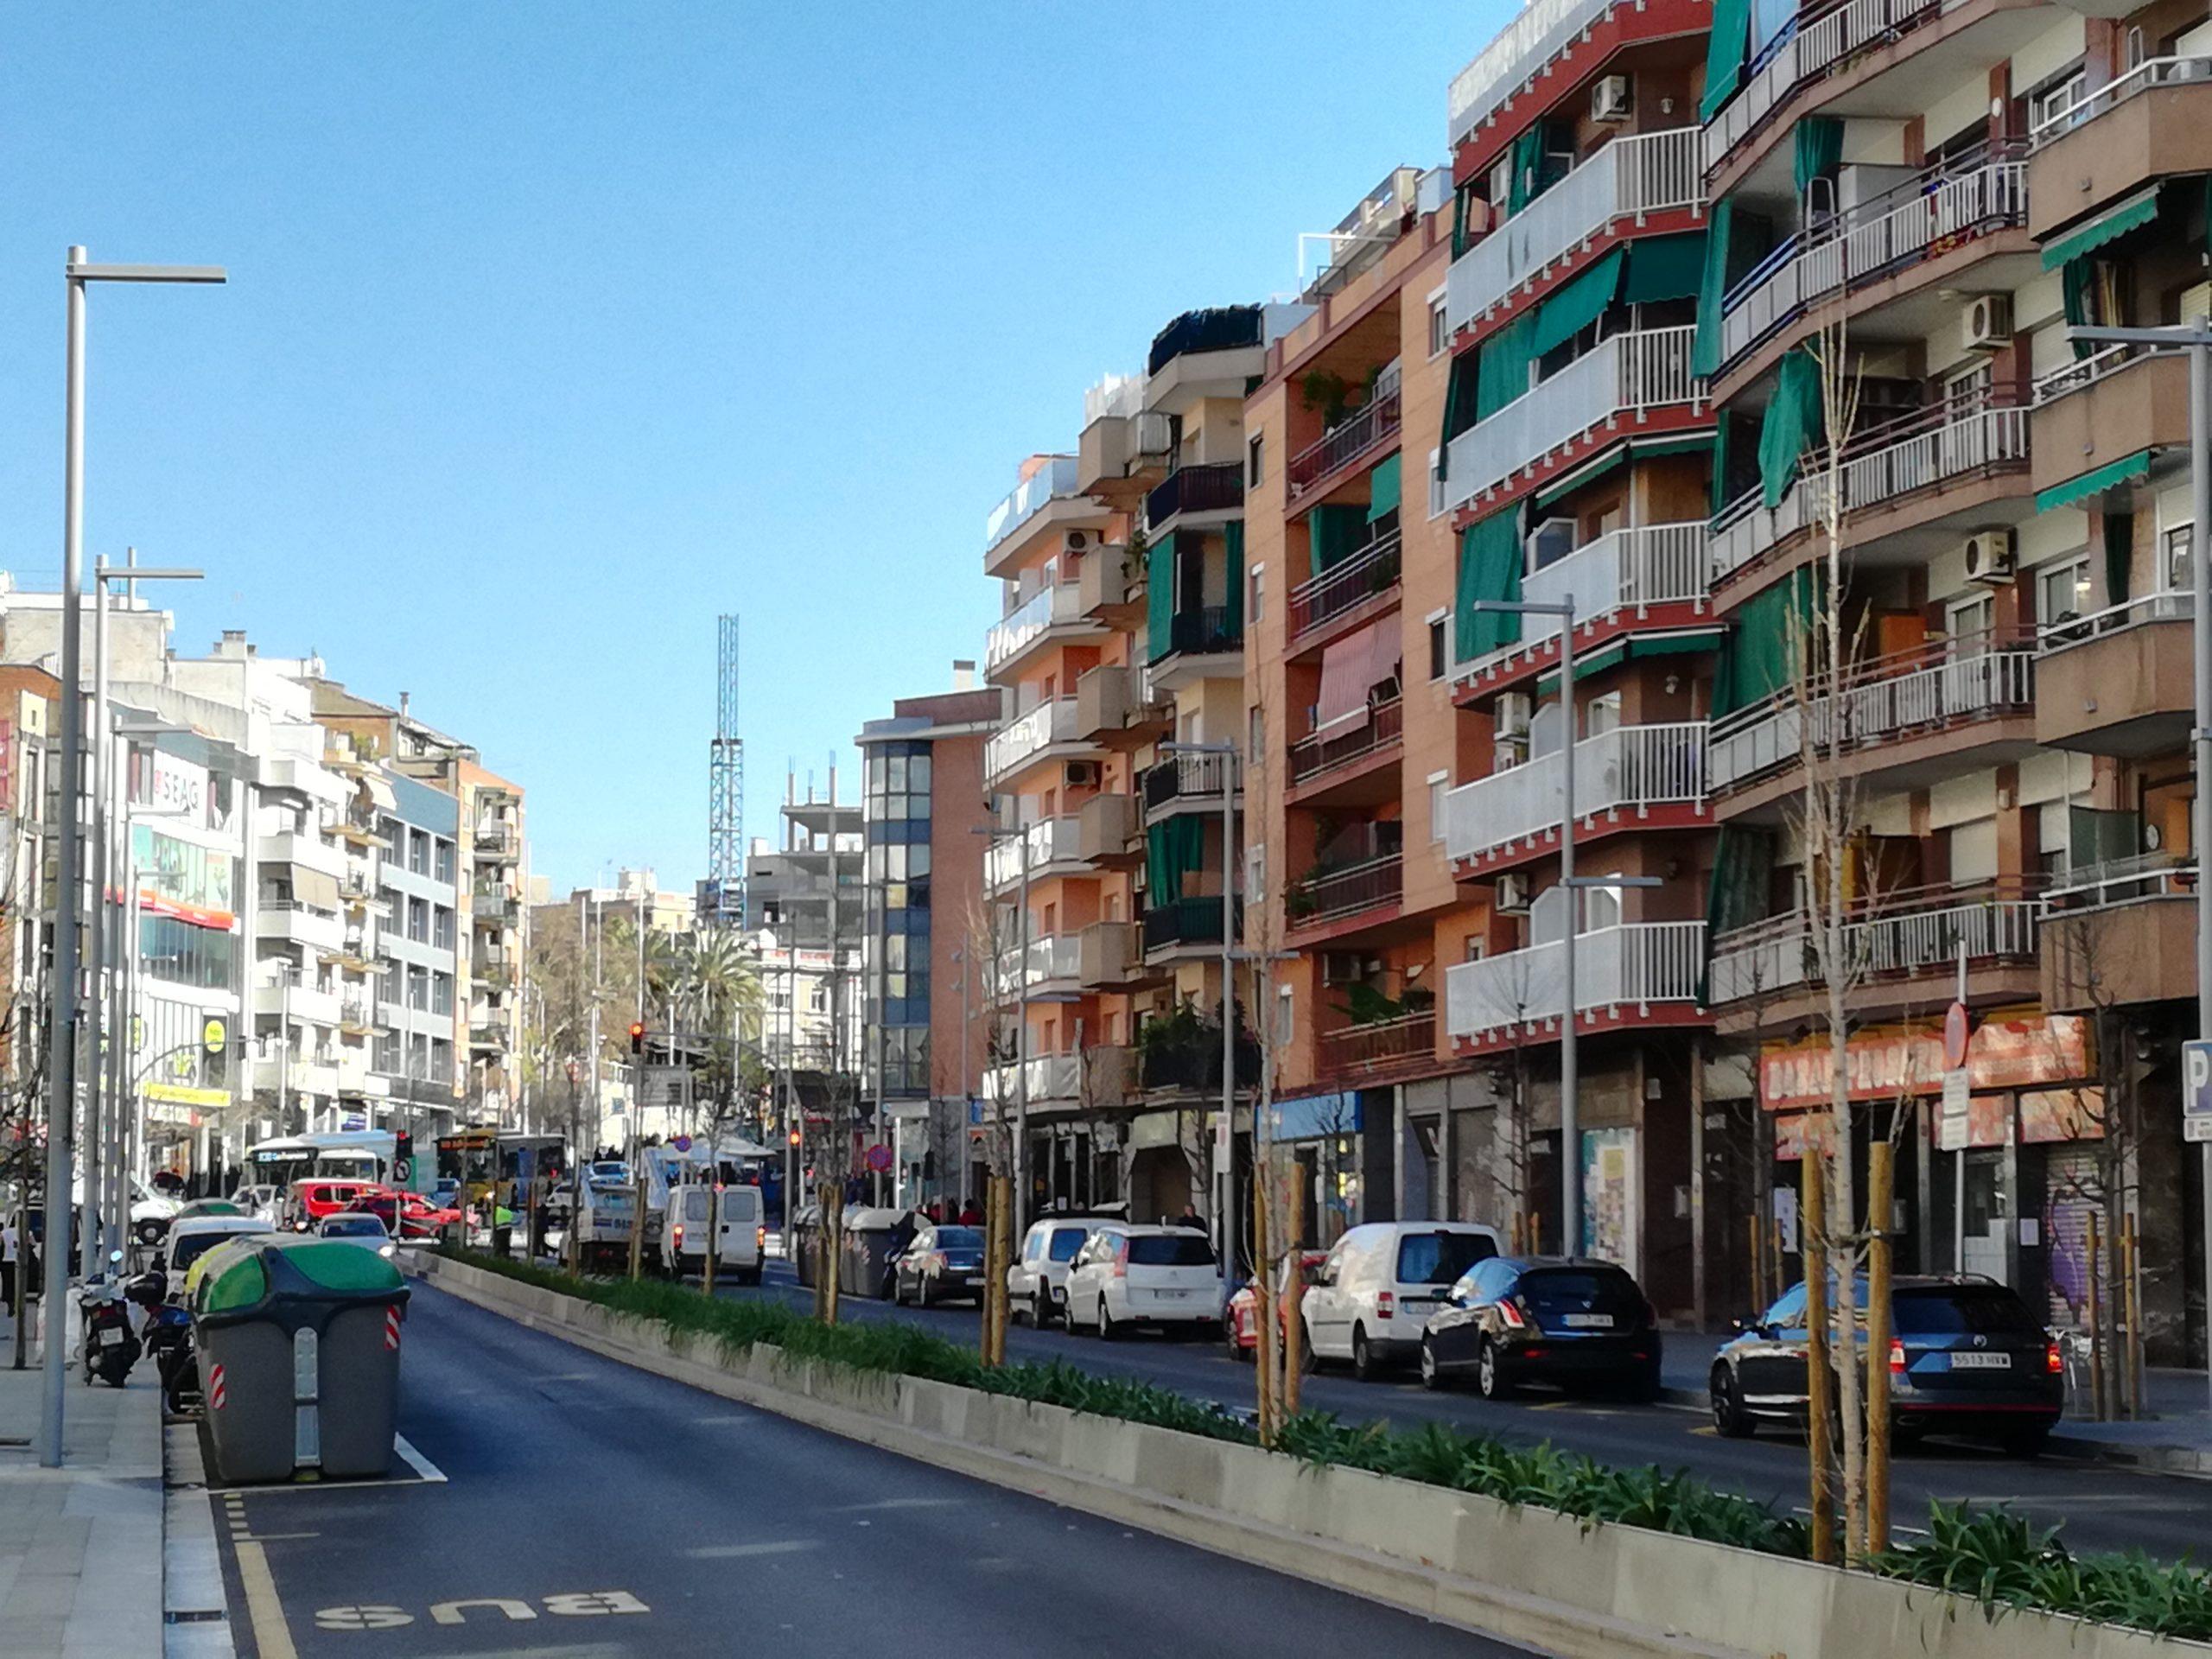 El comercio local es el principal sector económico de Santa Coloma.